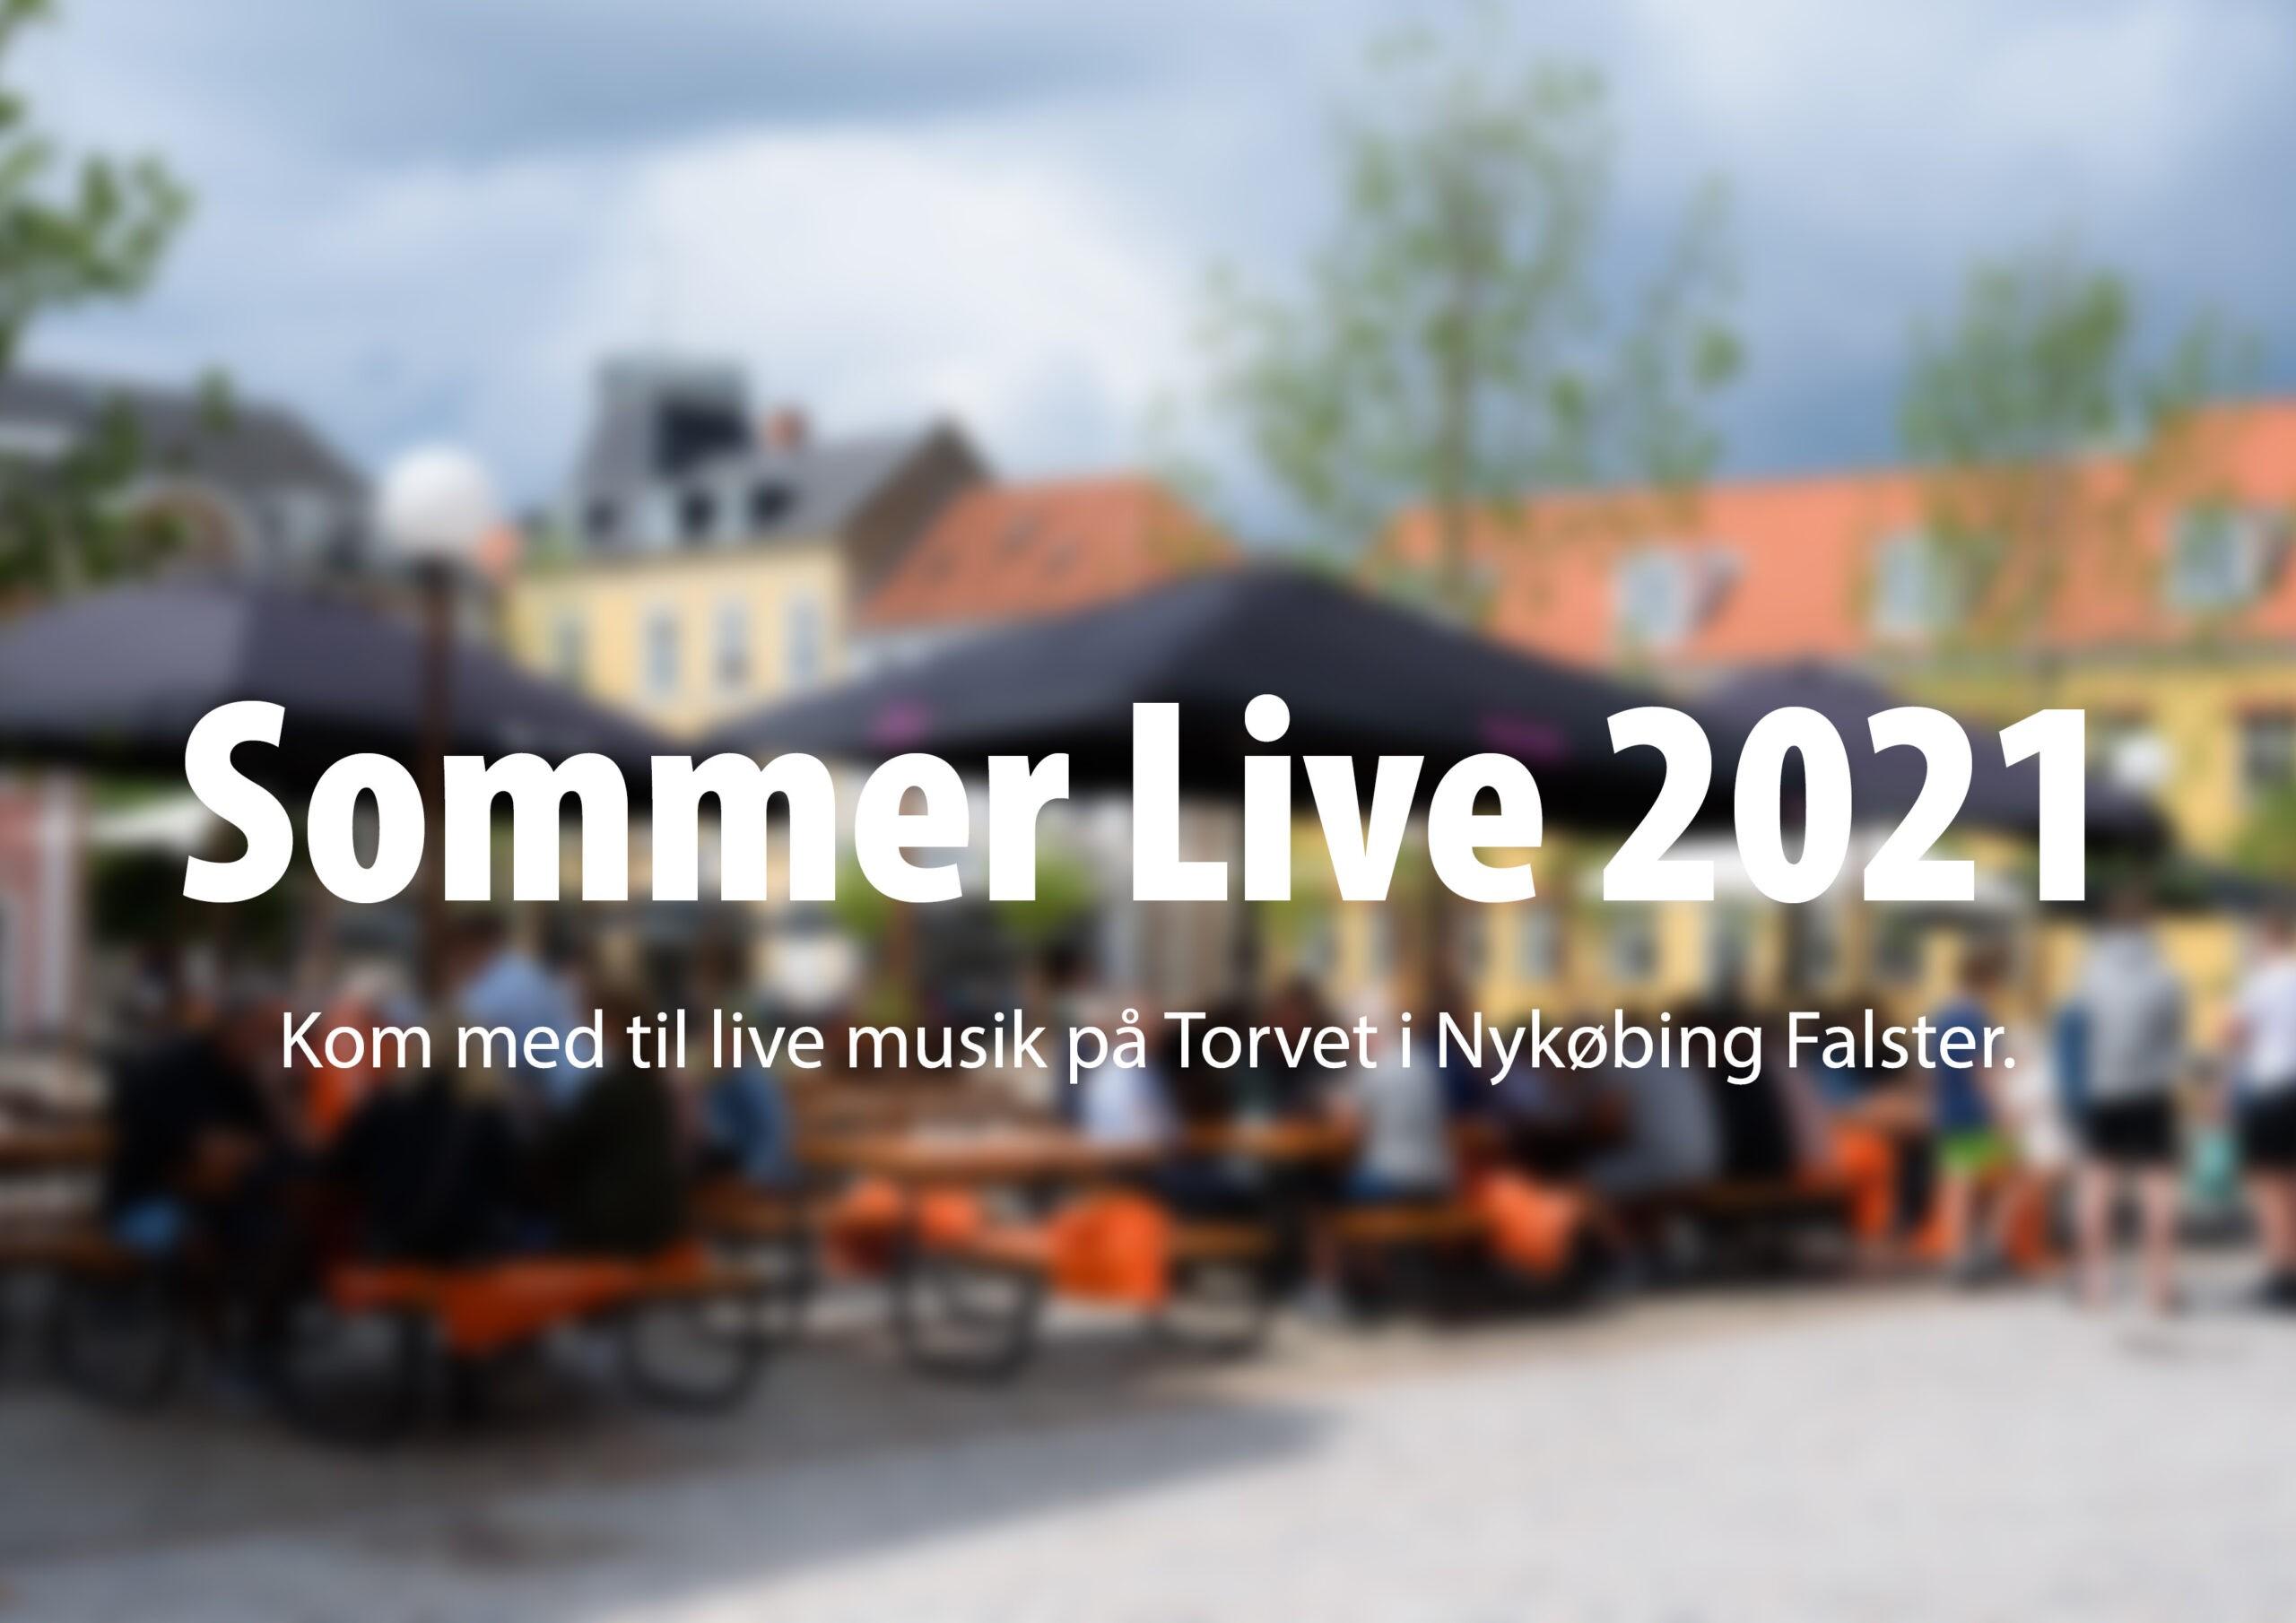 Sommer Live 2021